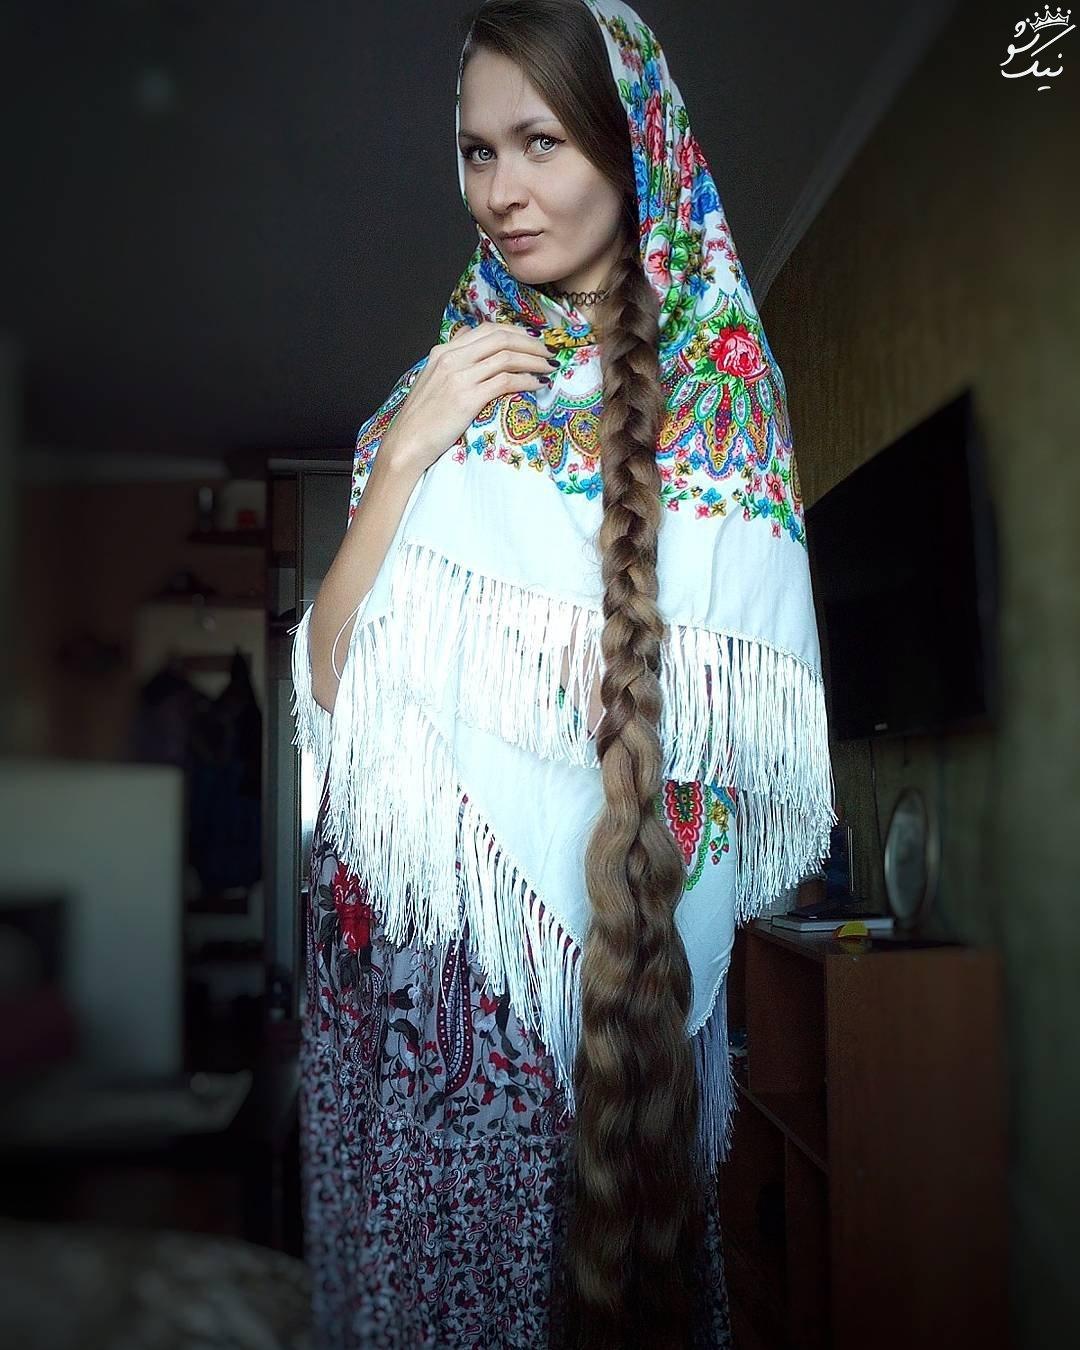 داریا گوبانوا موبلندترین دختر جذاب جهان +عکس